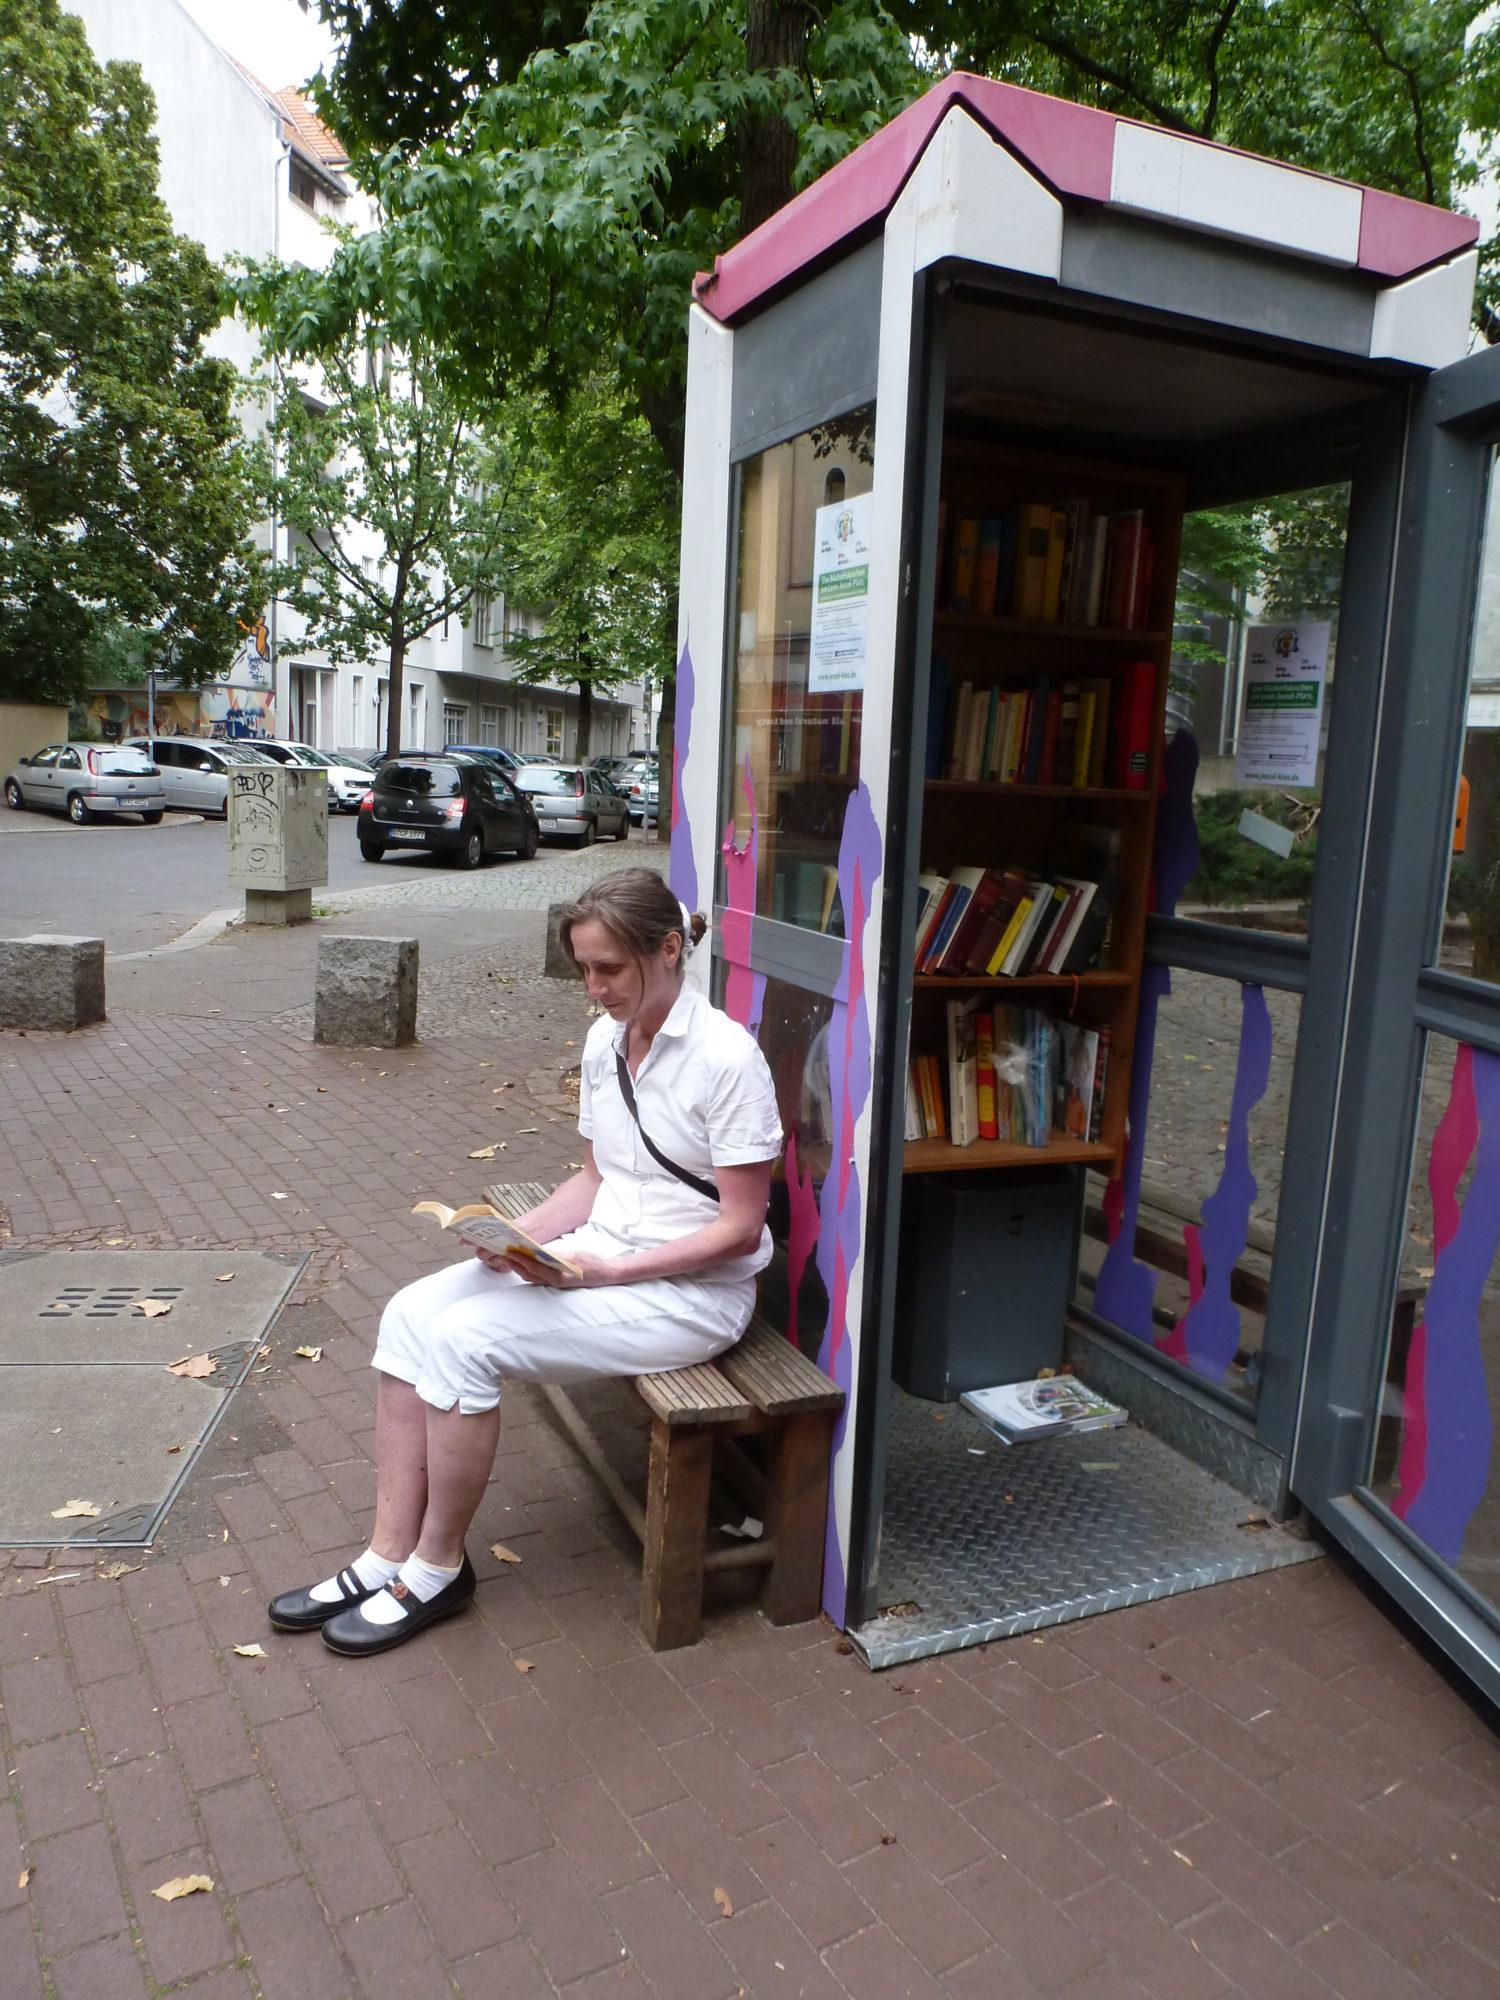 Ruhepol am Leon-Jessel-Platz: Vor der Mitnahme eines Buches einfach schon mal reinlesen. Foto: Eva Apraku